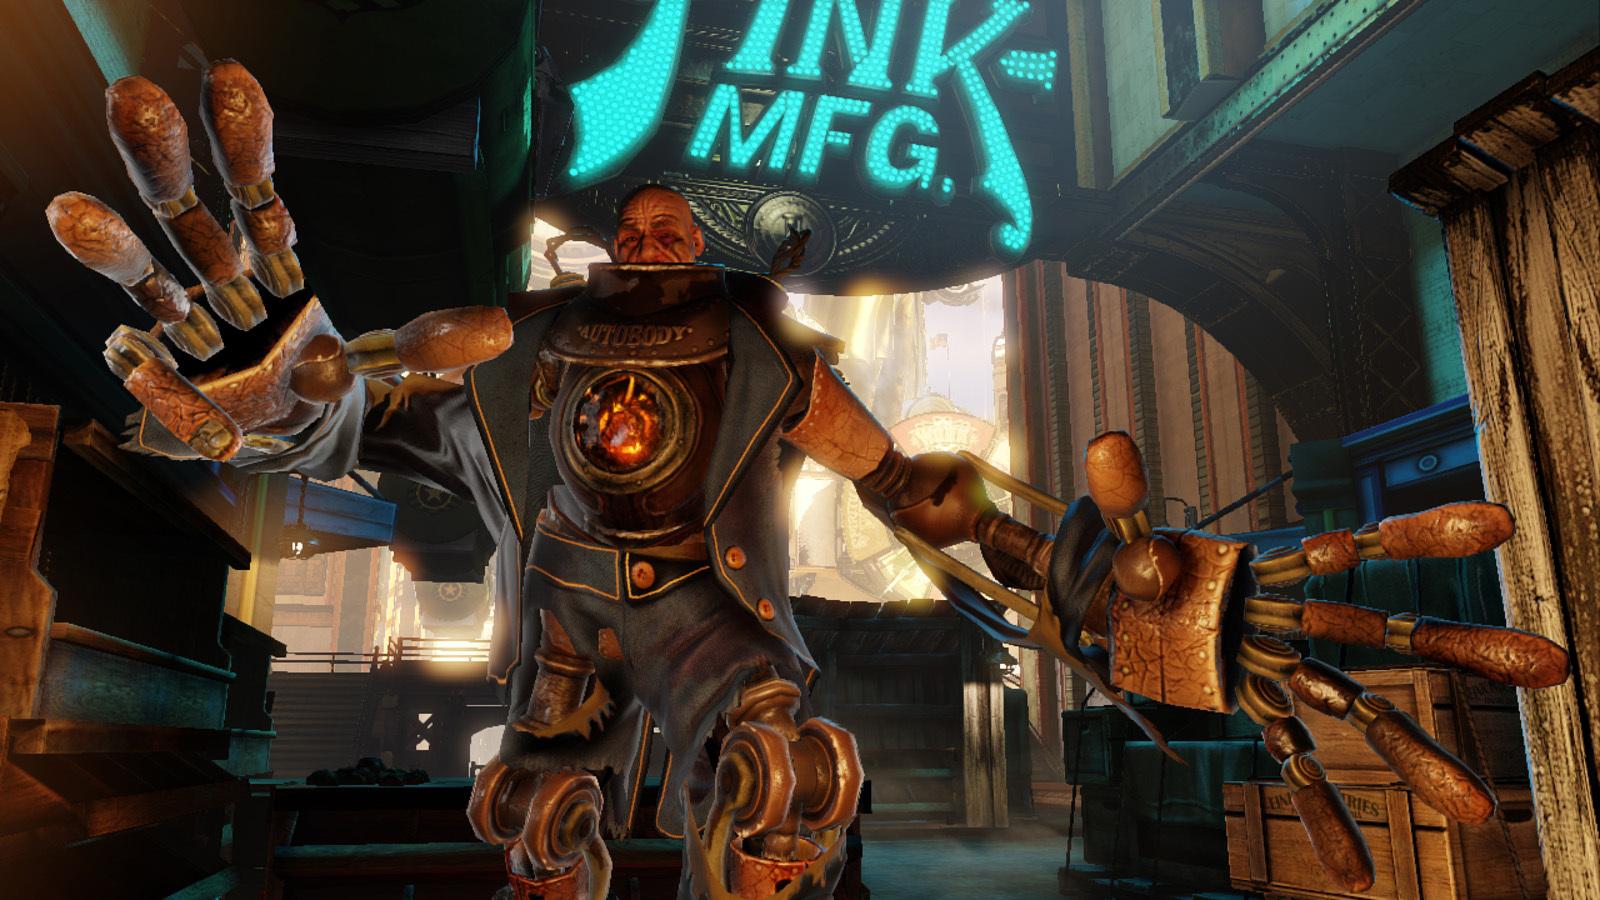 Handyman from BioShock Infinite